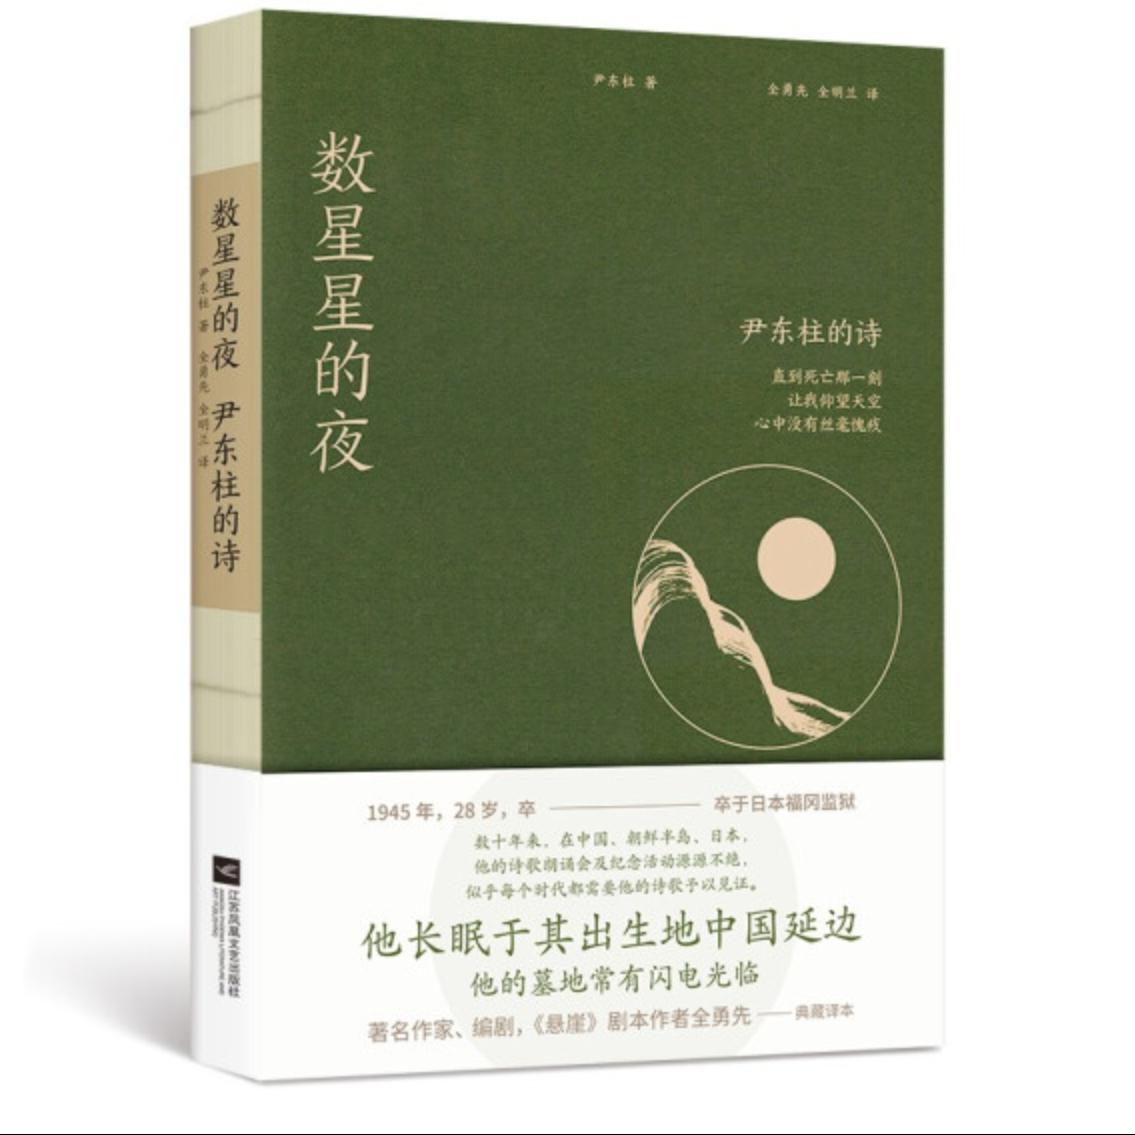 《数星星的夜:尹东柱的诗》